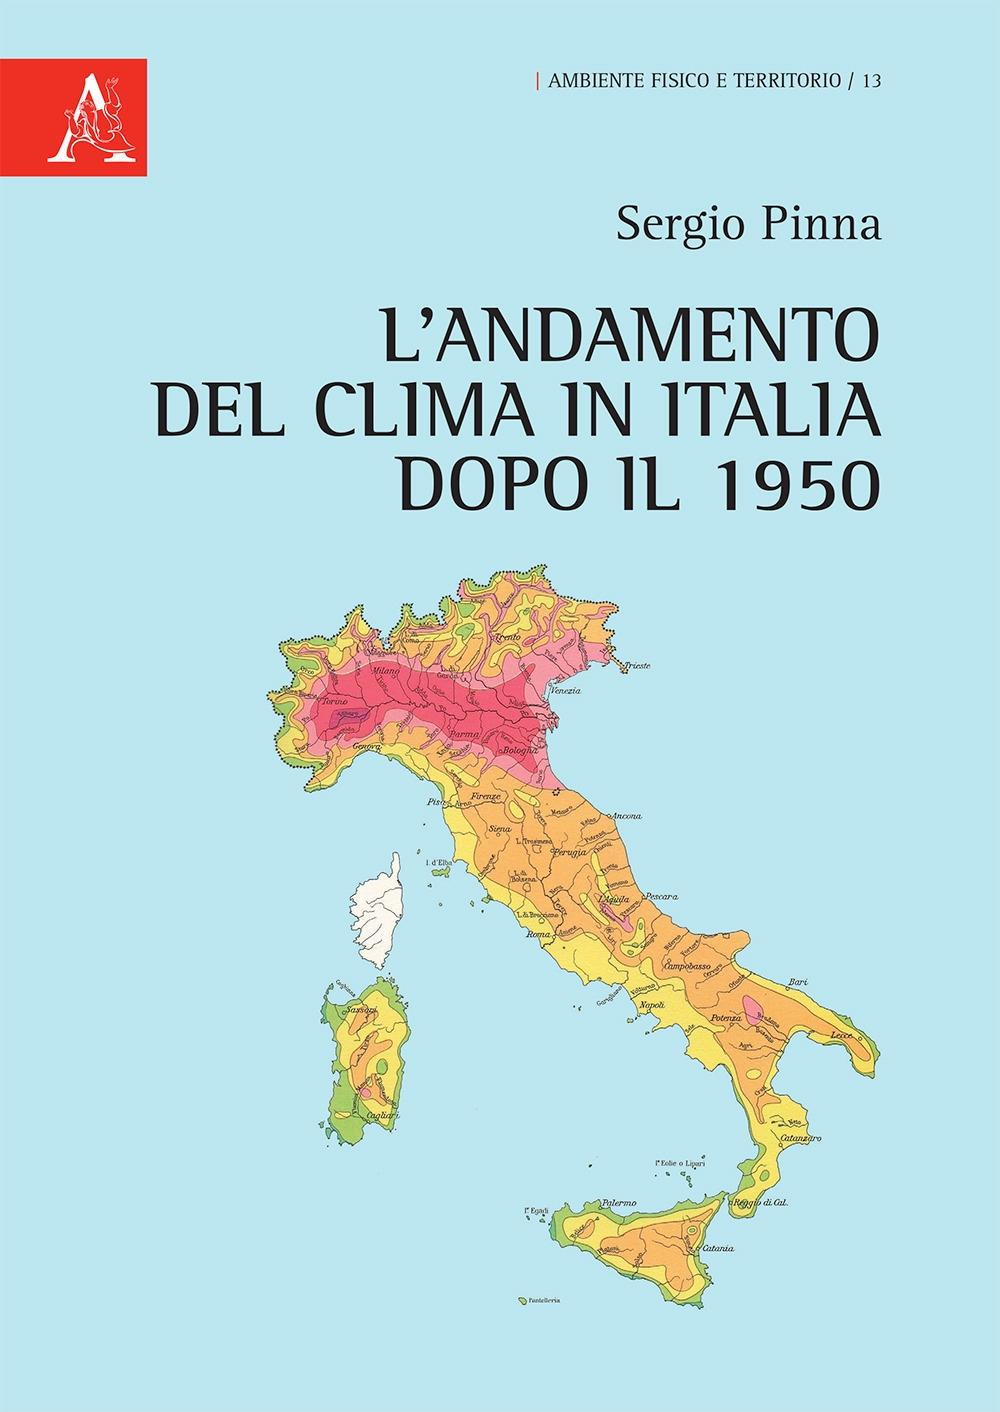 L'andamento del clima in Italia dopo il 1950